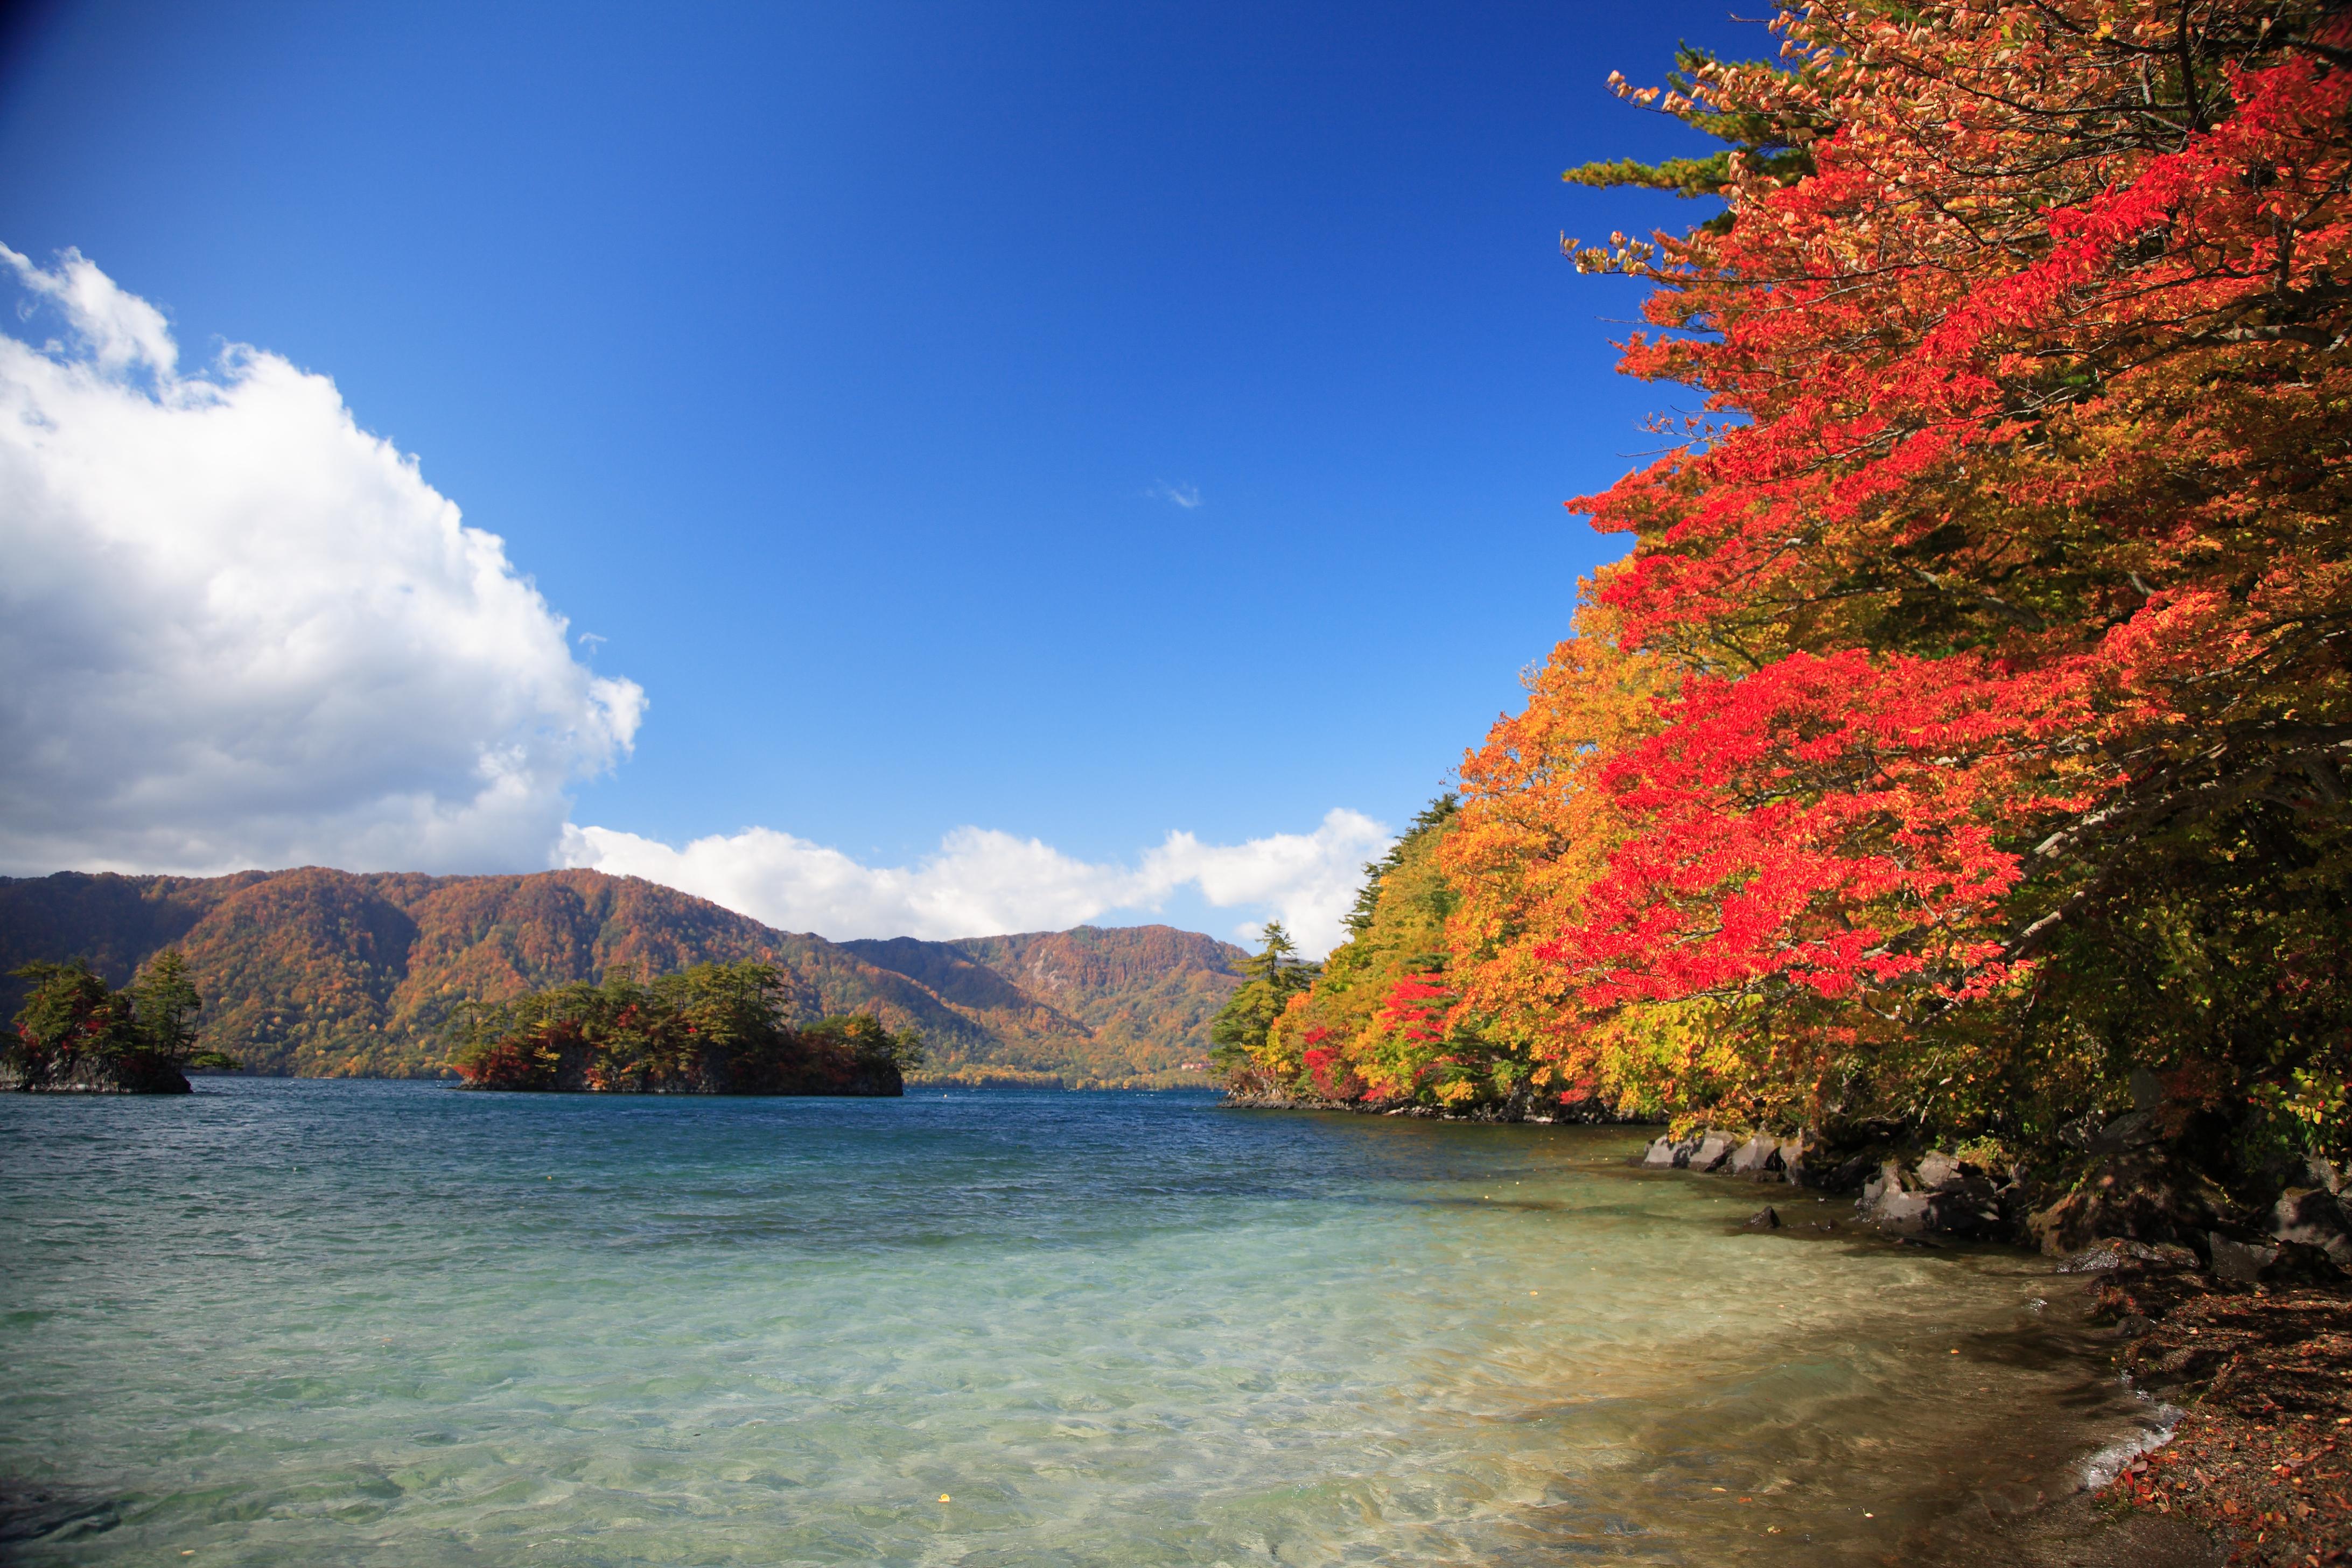 十和田八幡平観光協会のお墨付き!国立公園や自然を満喫できるスポットは?